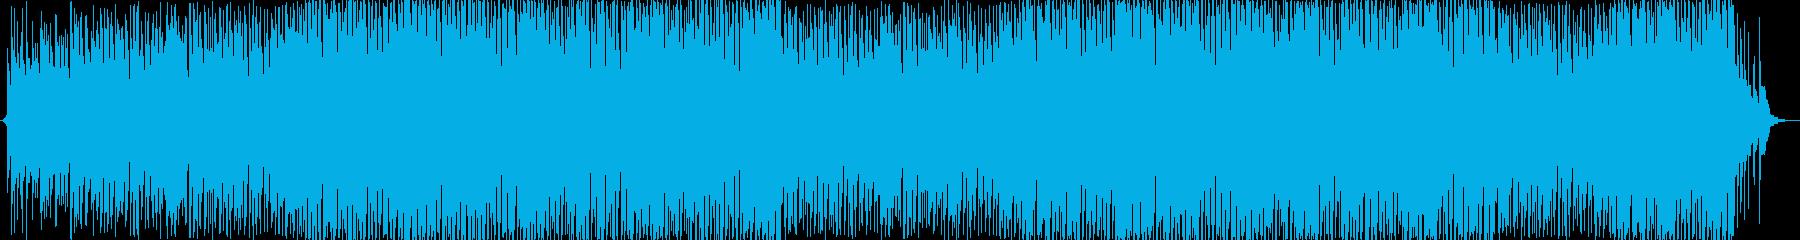 イージーリスニング 楽しげ クール...の再生済みの波形